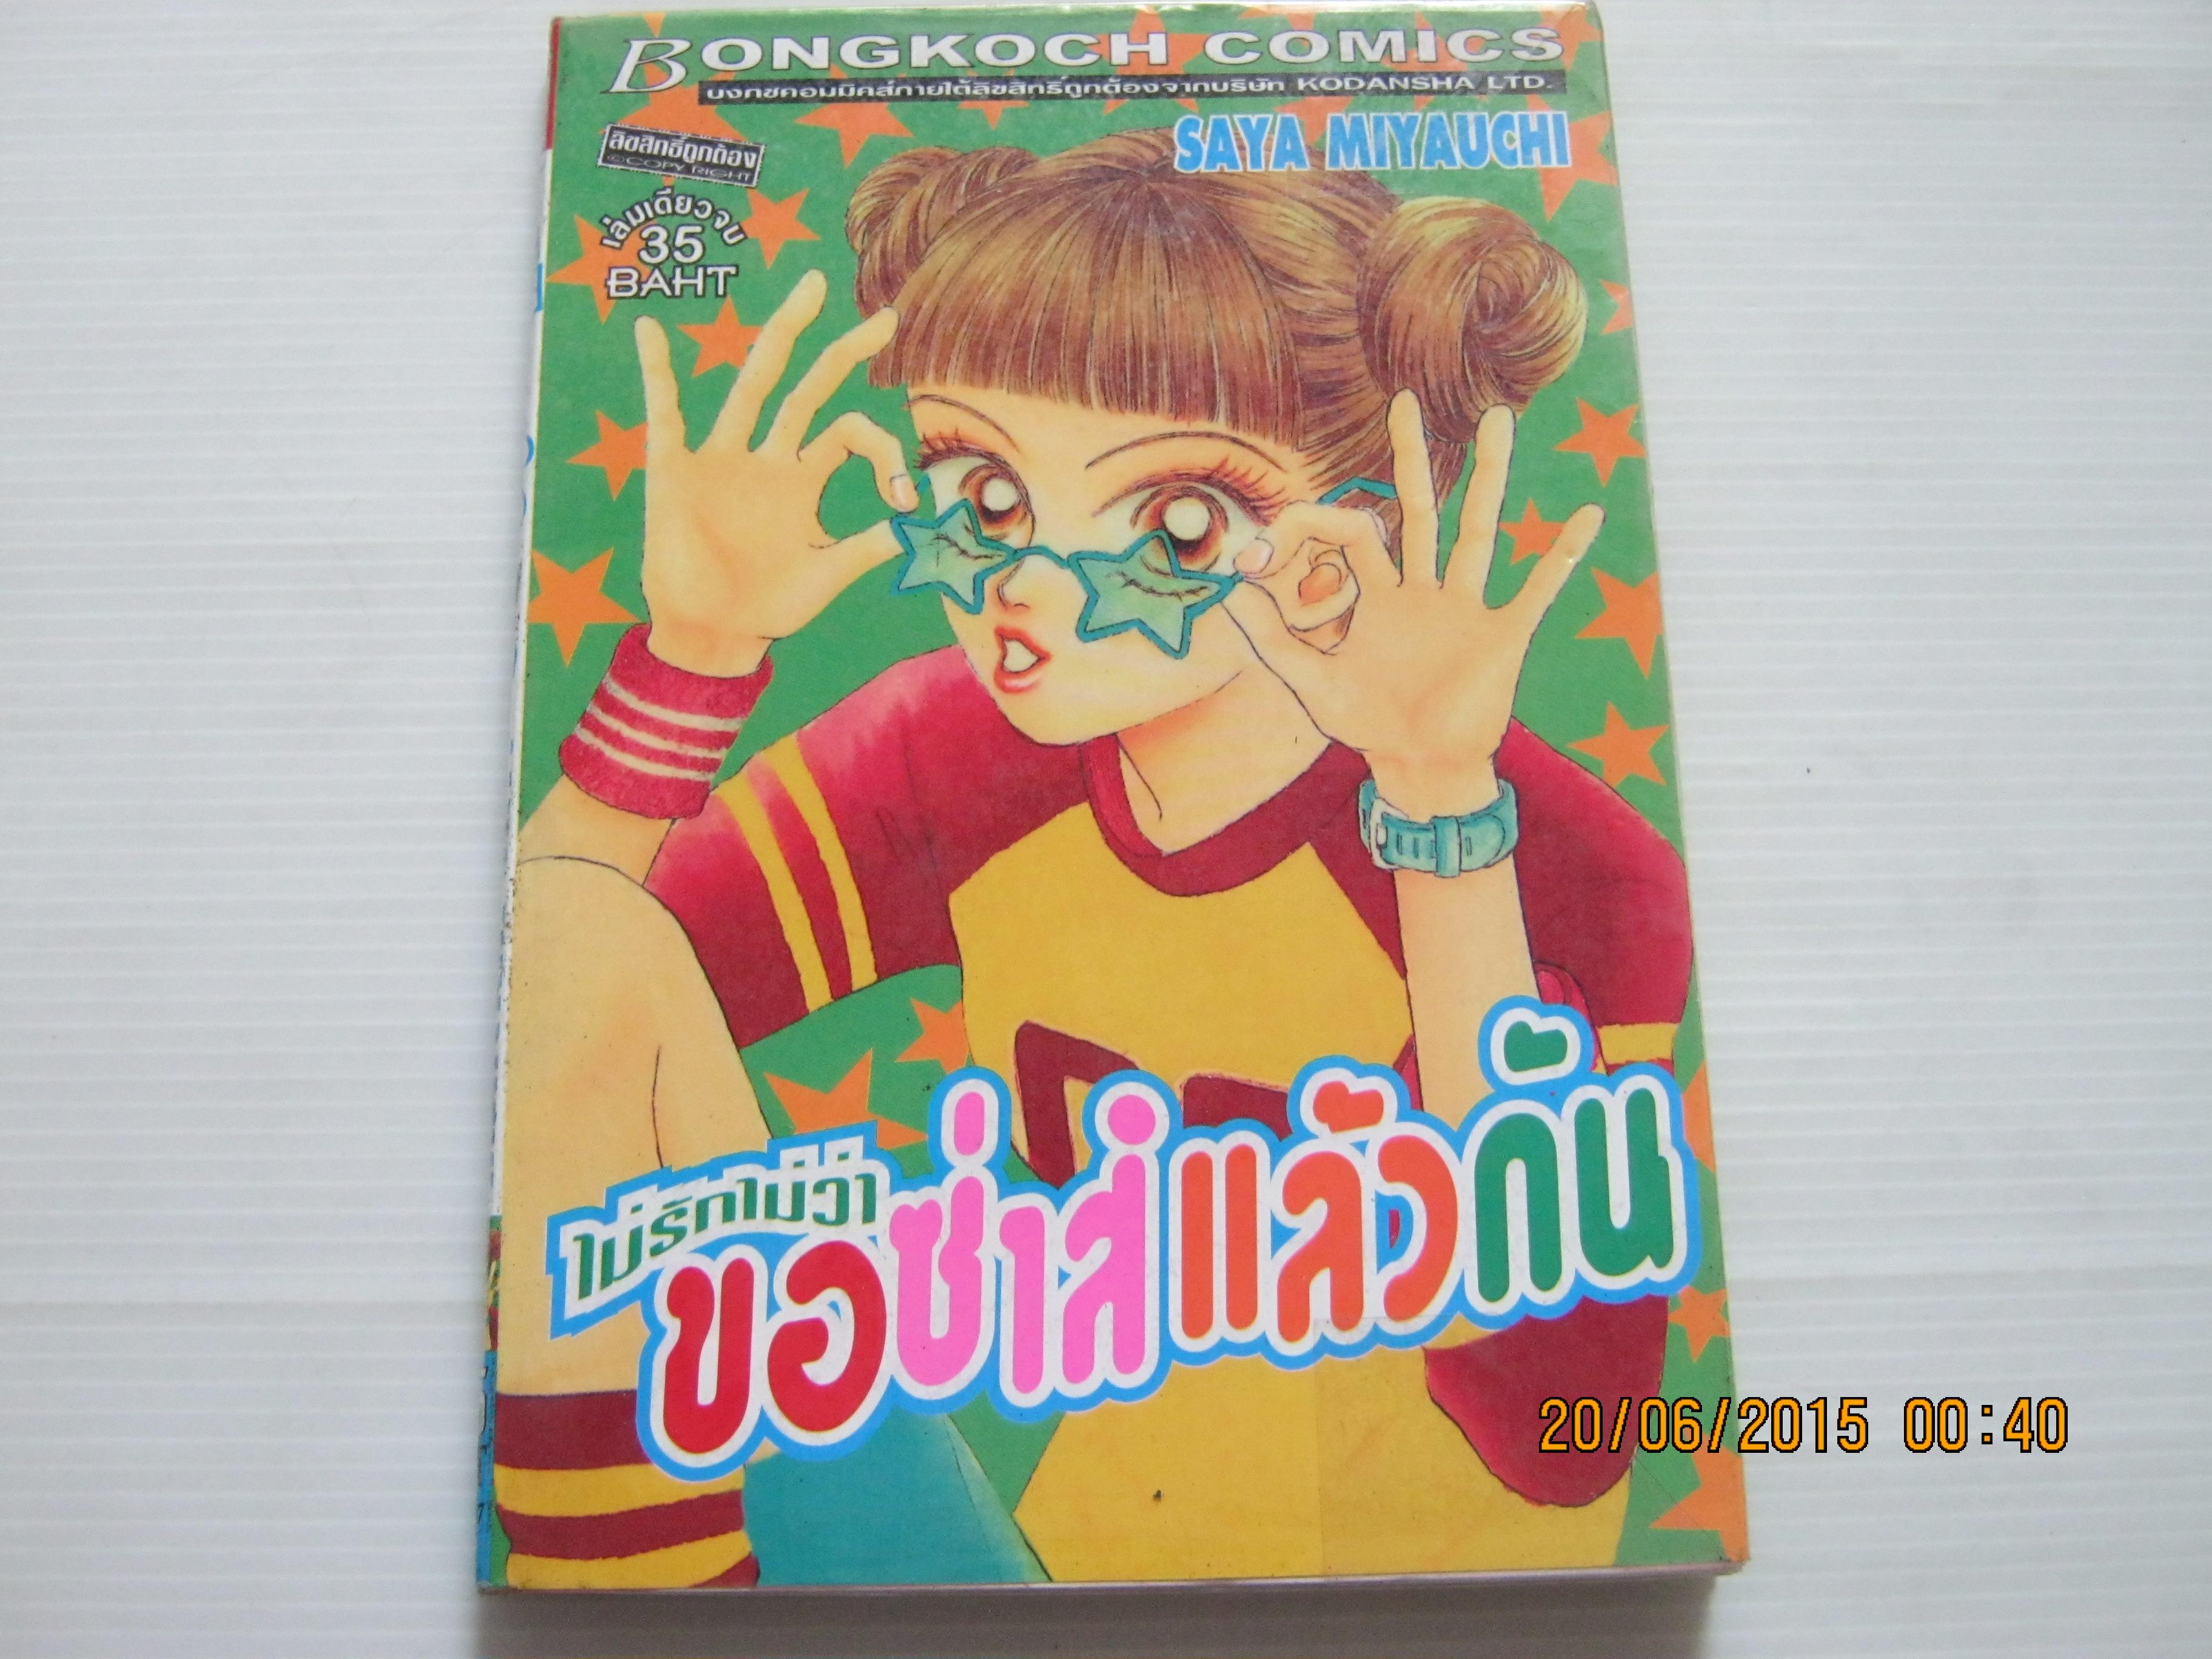 ไม่รักไม่ว่าขอซาส์แล้วกัน เล่มเดียวจบ Saya Miyauchi เขียน